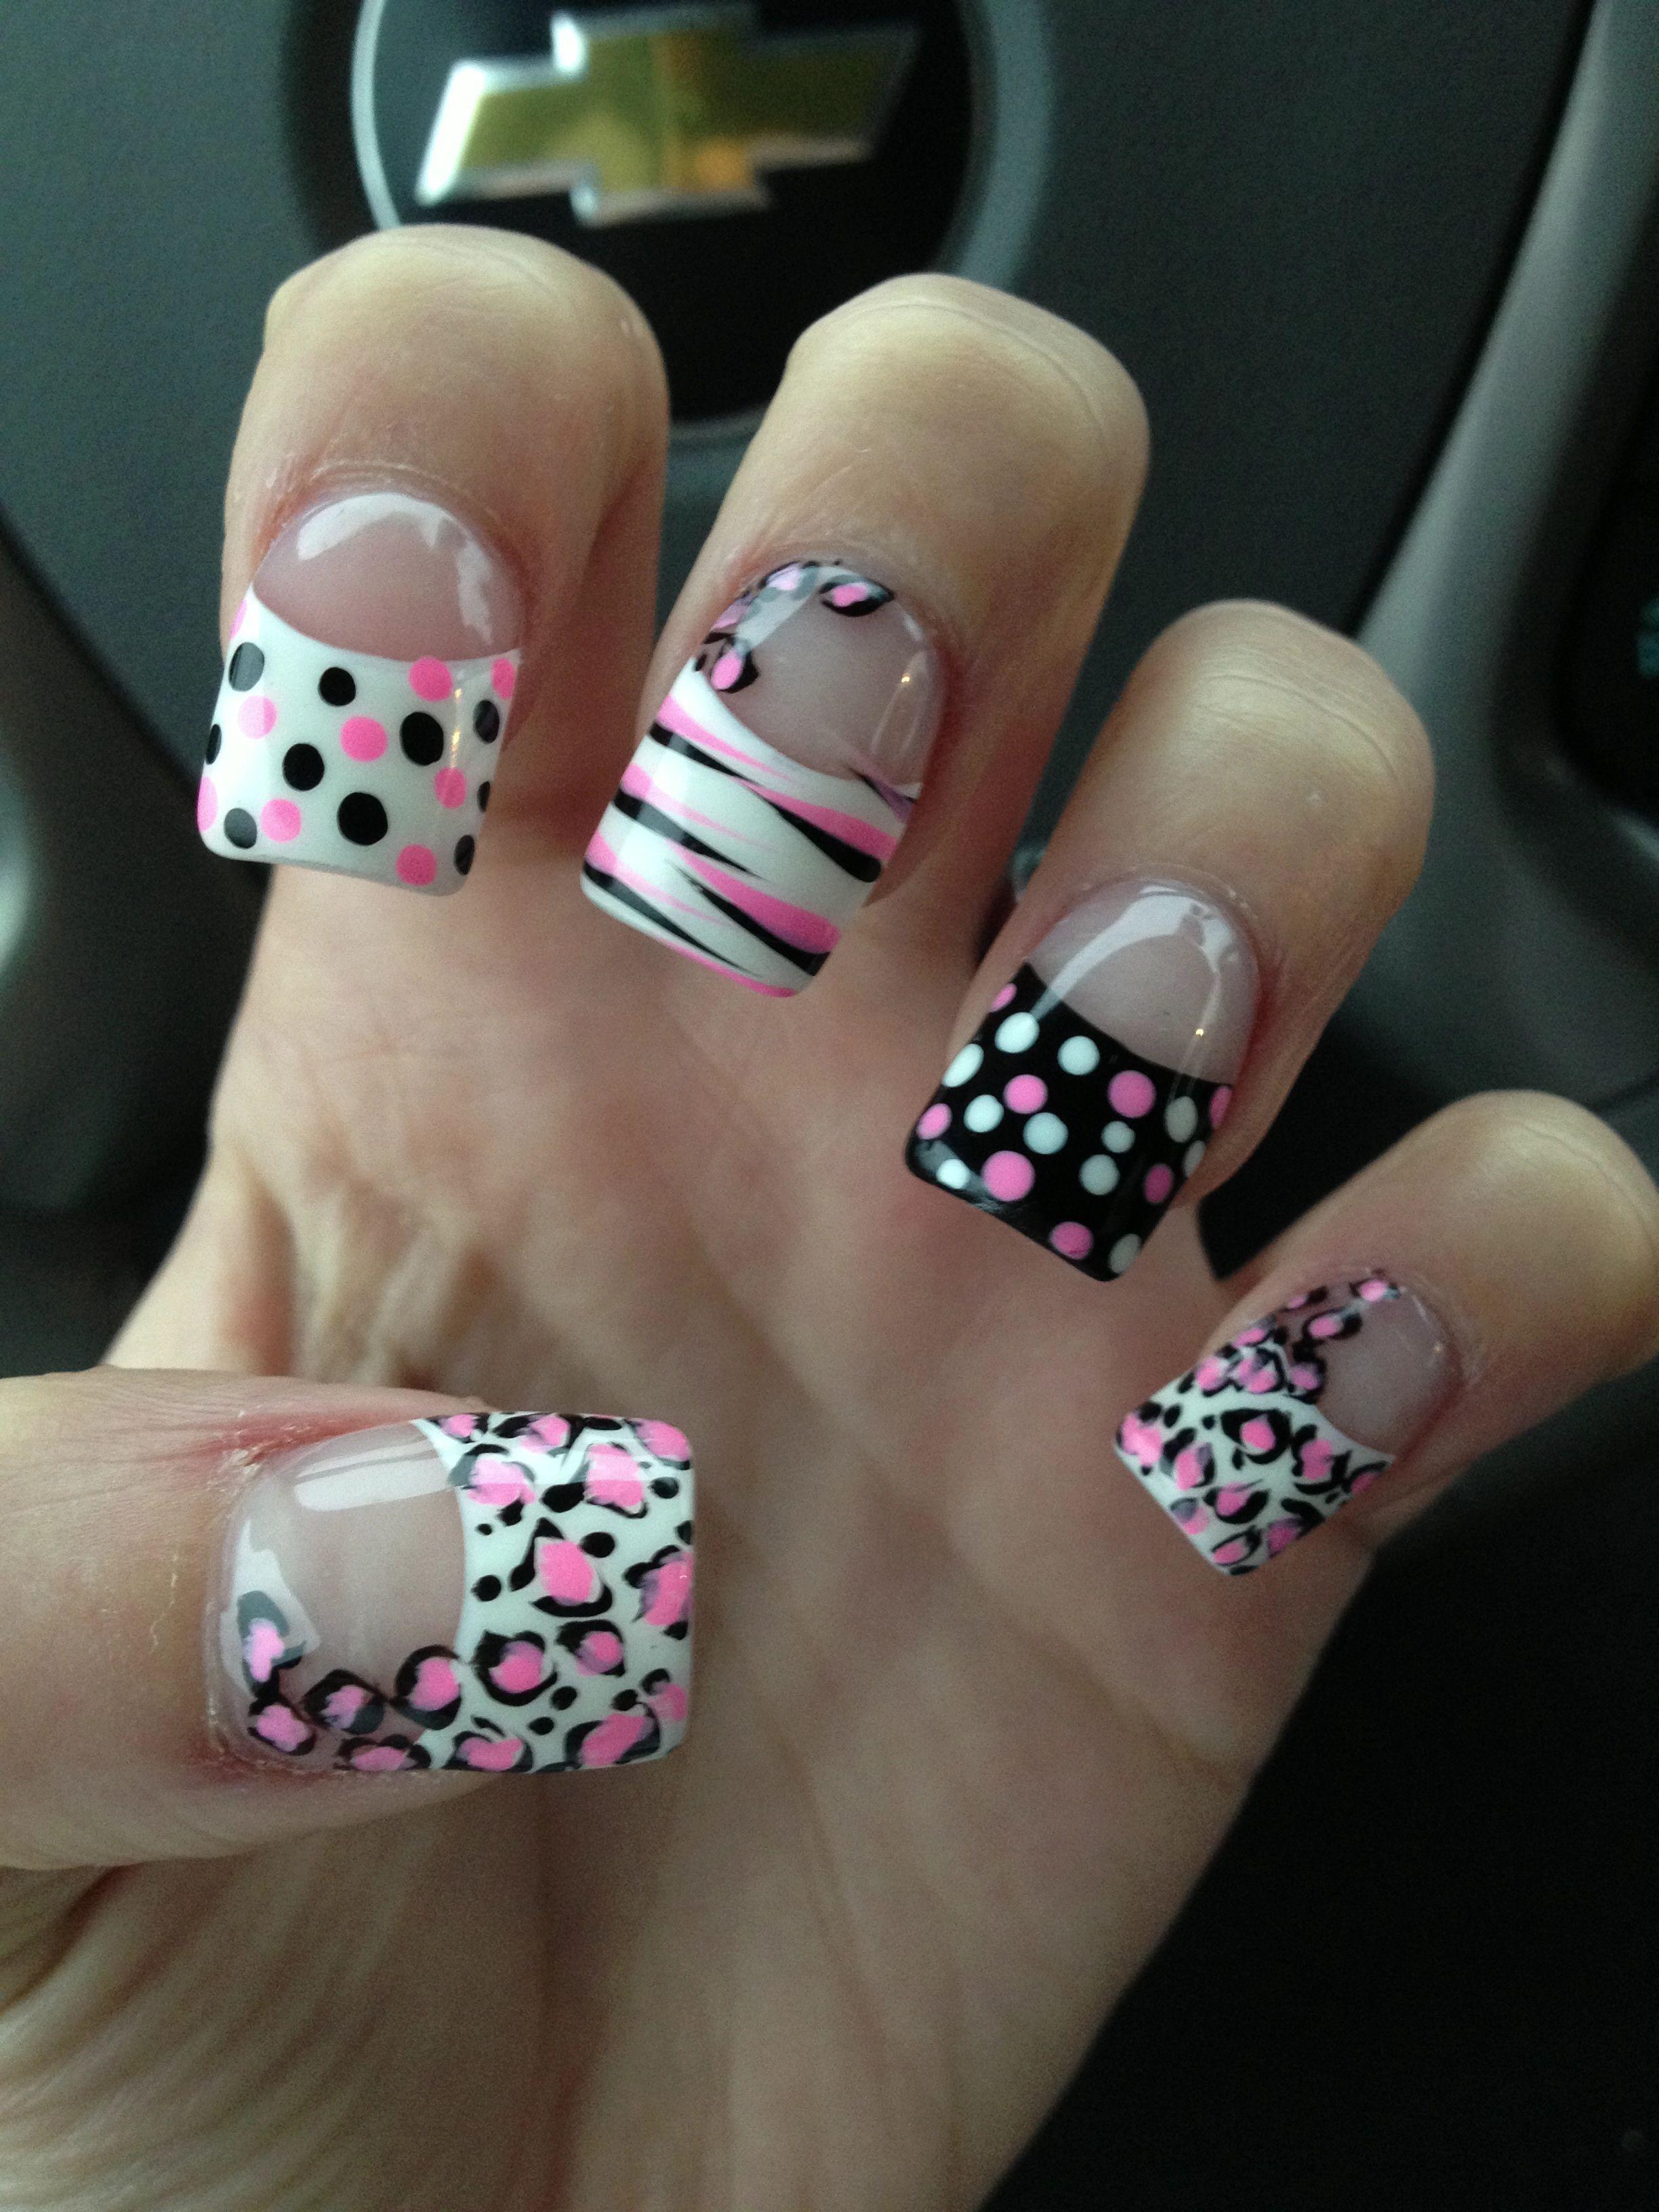 Nail designs 3 | Nails | Pinterest | Short nails, Nail nail and Pedi